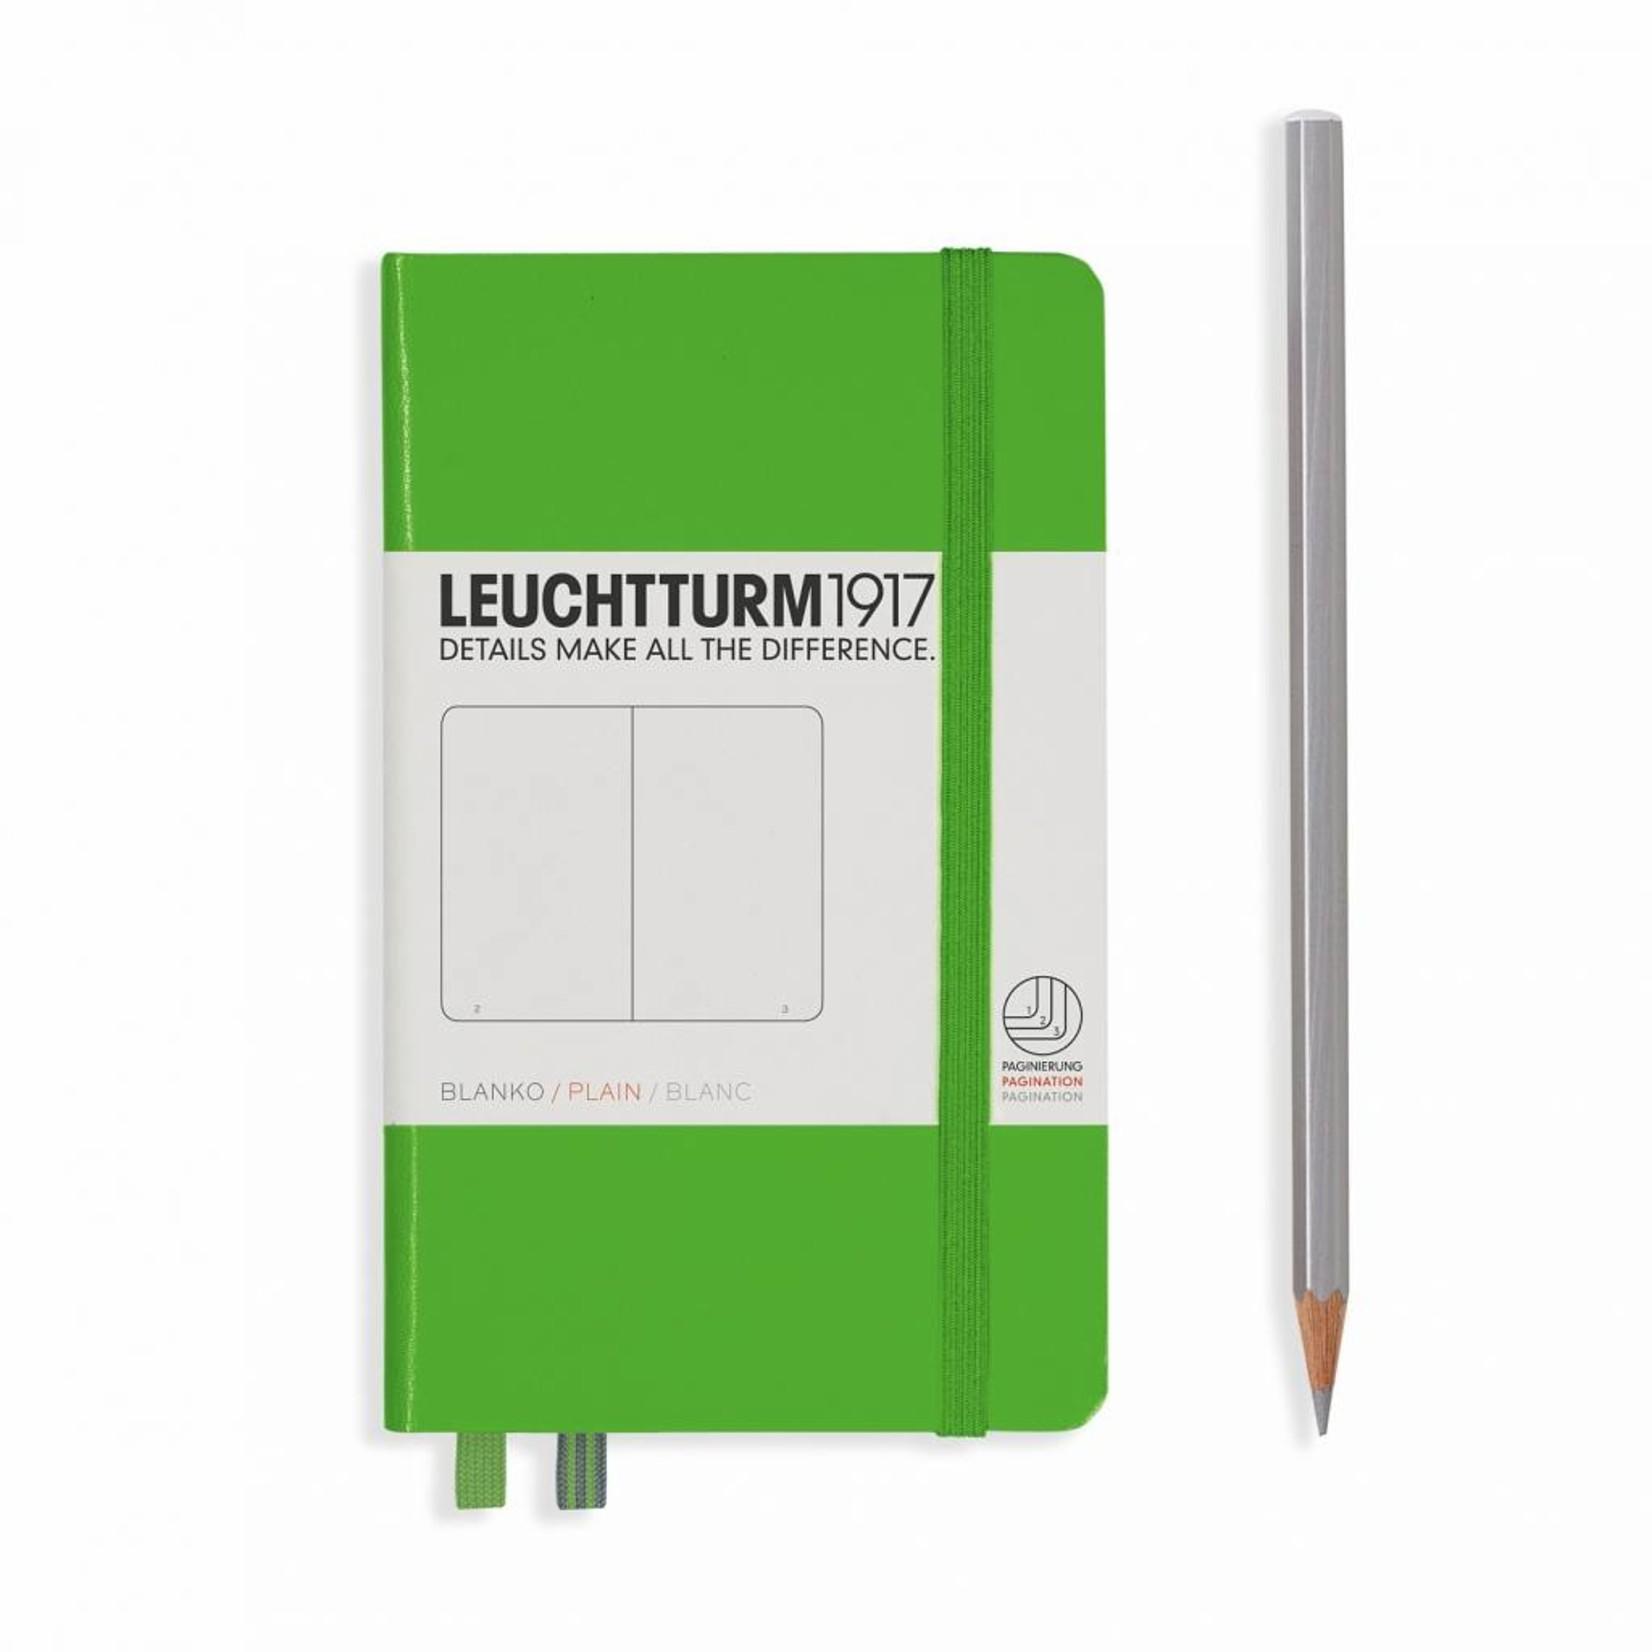 LT Notizbuch A6 POCKET HC Fresh Green blanko